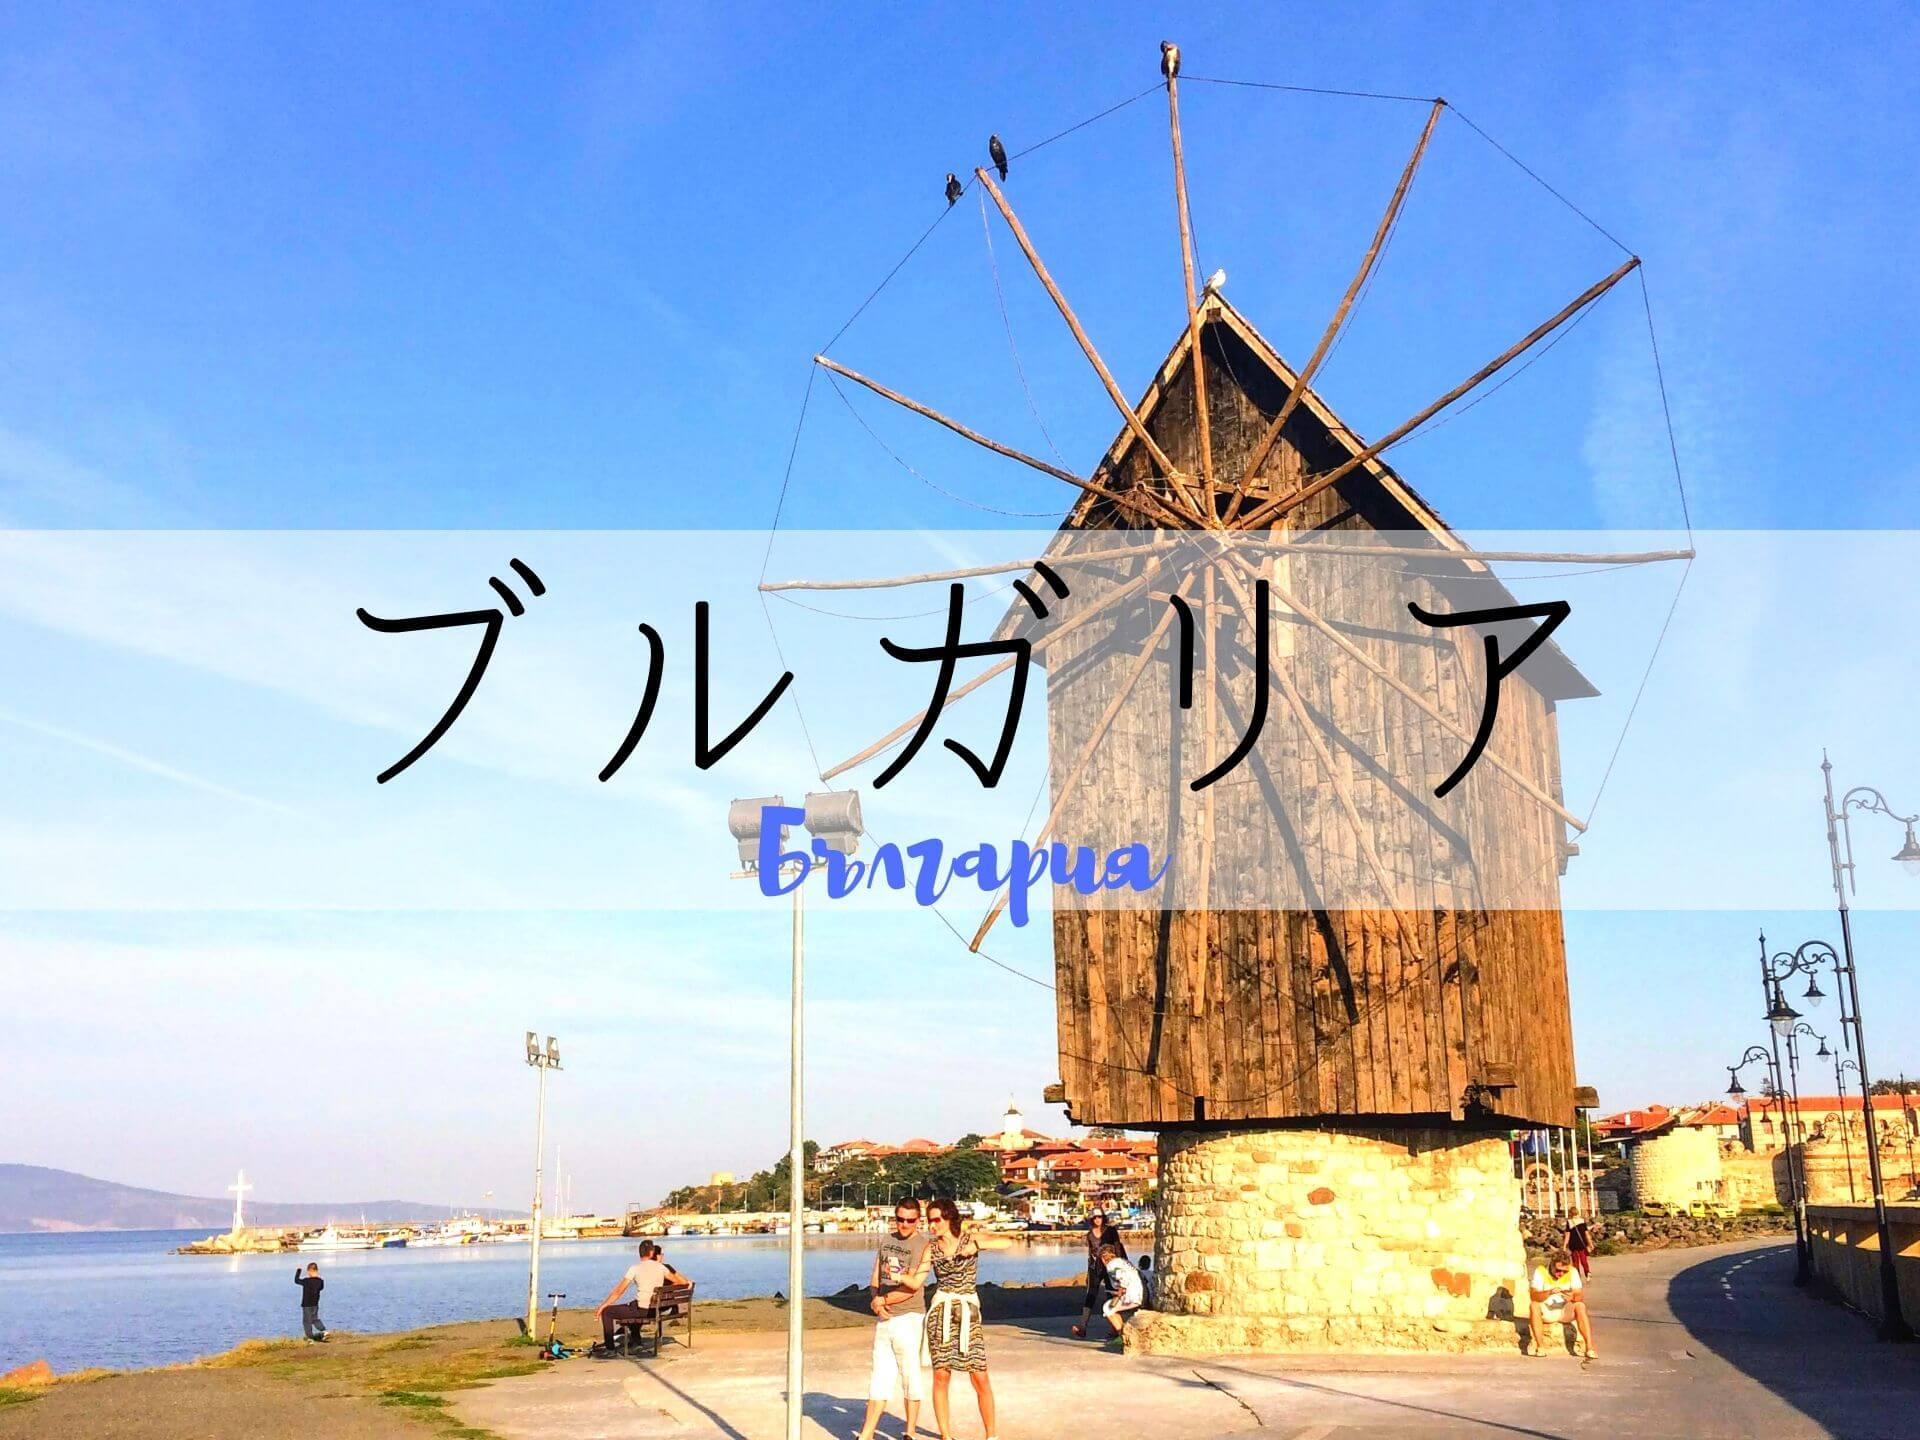 ブルガリア:東欧の神秘を感じる伝統あふれる国へ。